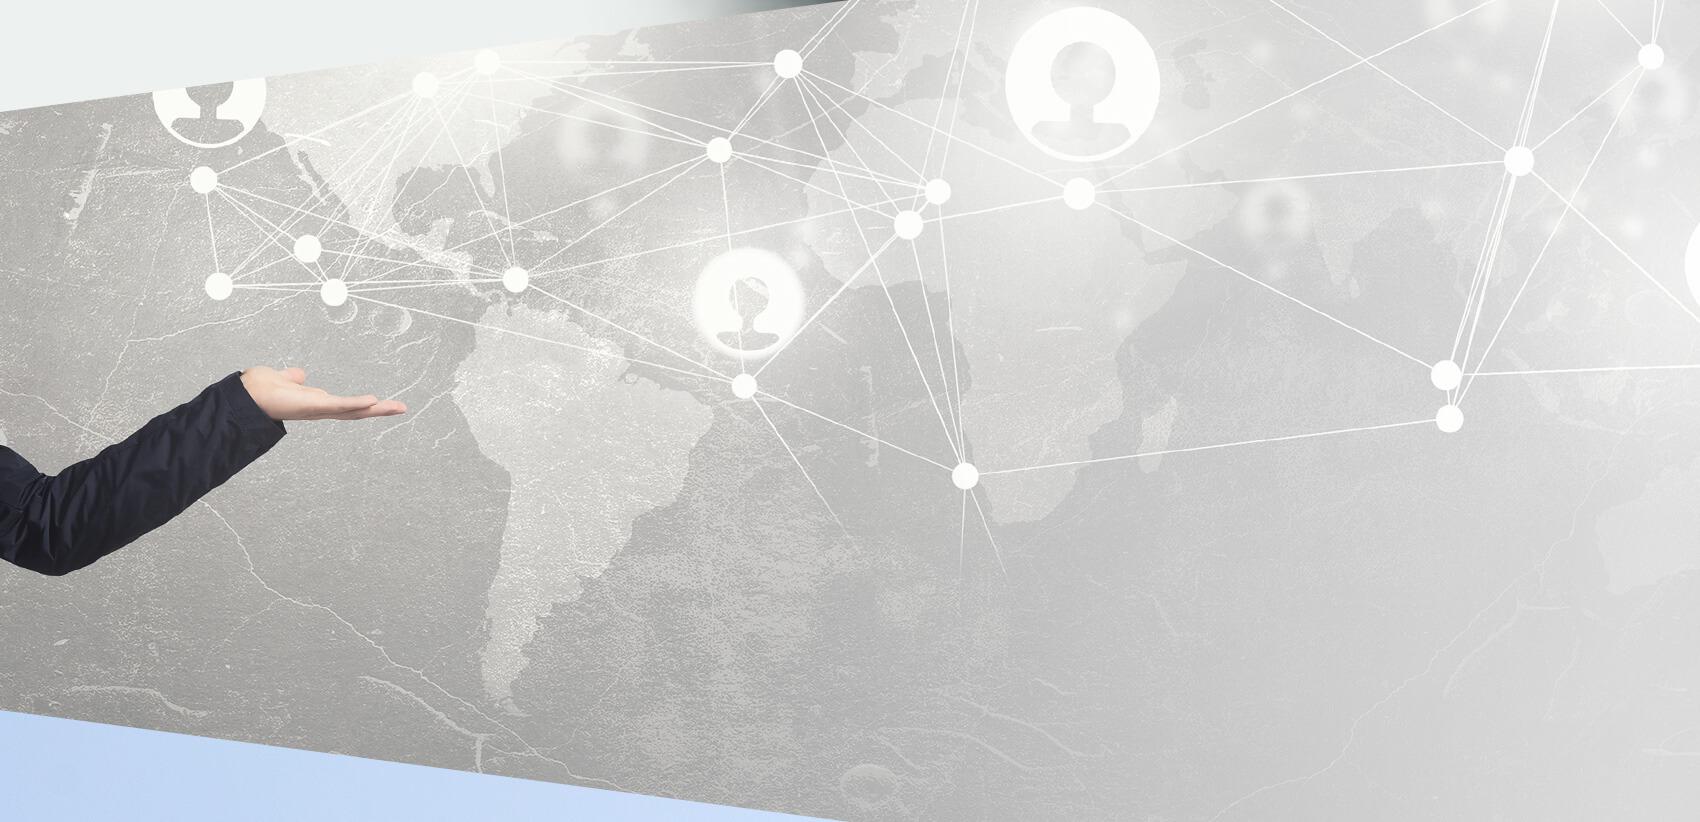 顧客情報管理と、バックアップ態勢